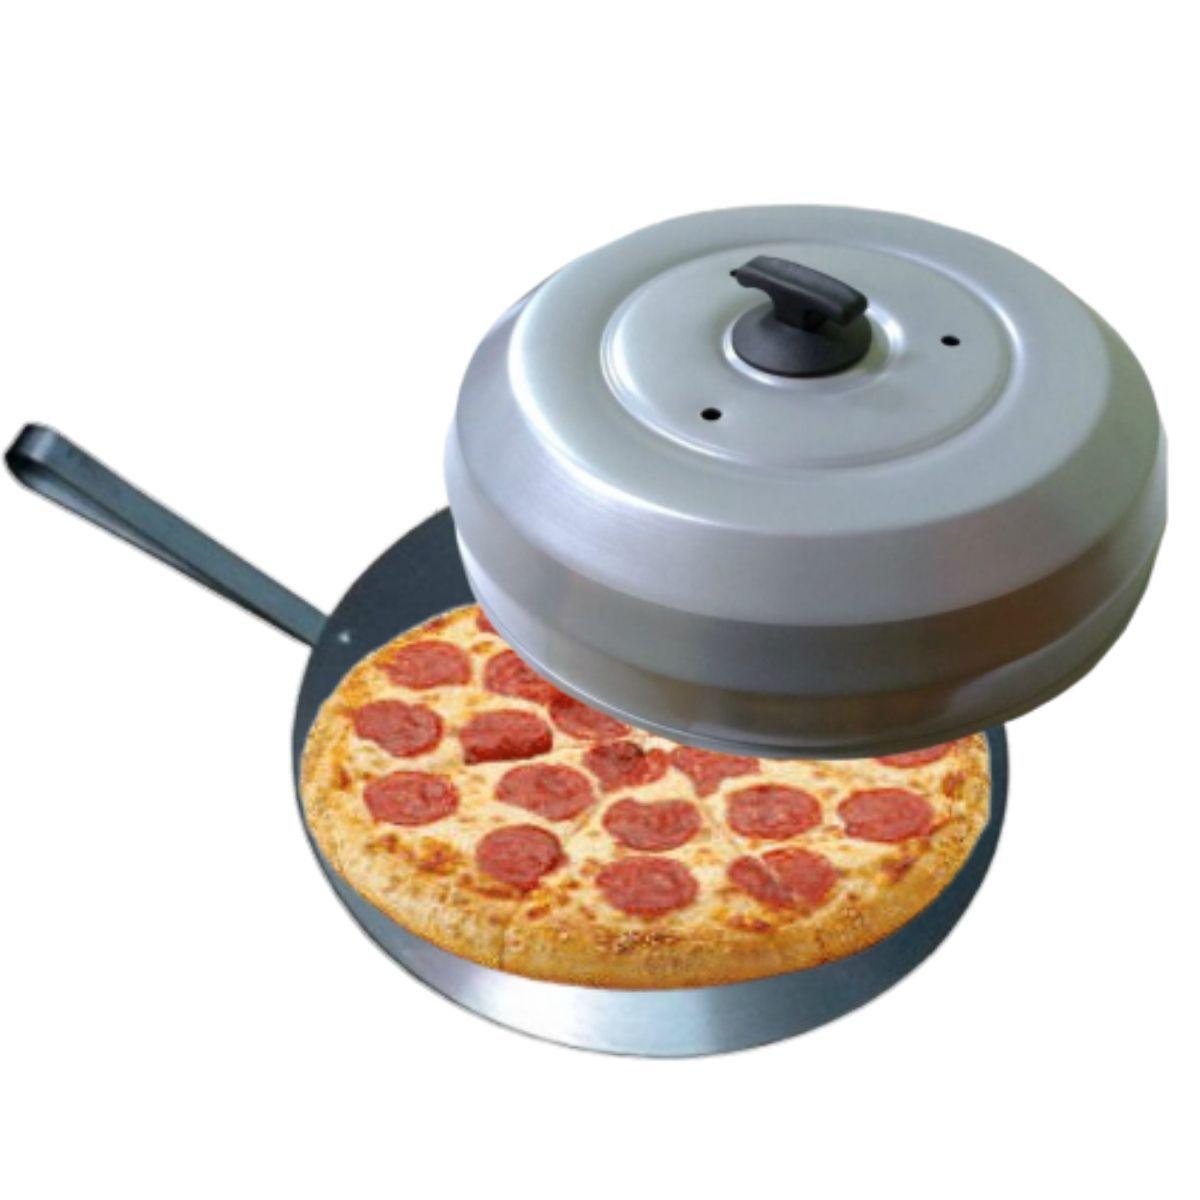 Kit Para Pizzaria Com Abafador De Pizza Cinza Em Alumínio + Pá Para Pizza Em Alumínio Cabo Curto - Gallizzi